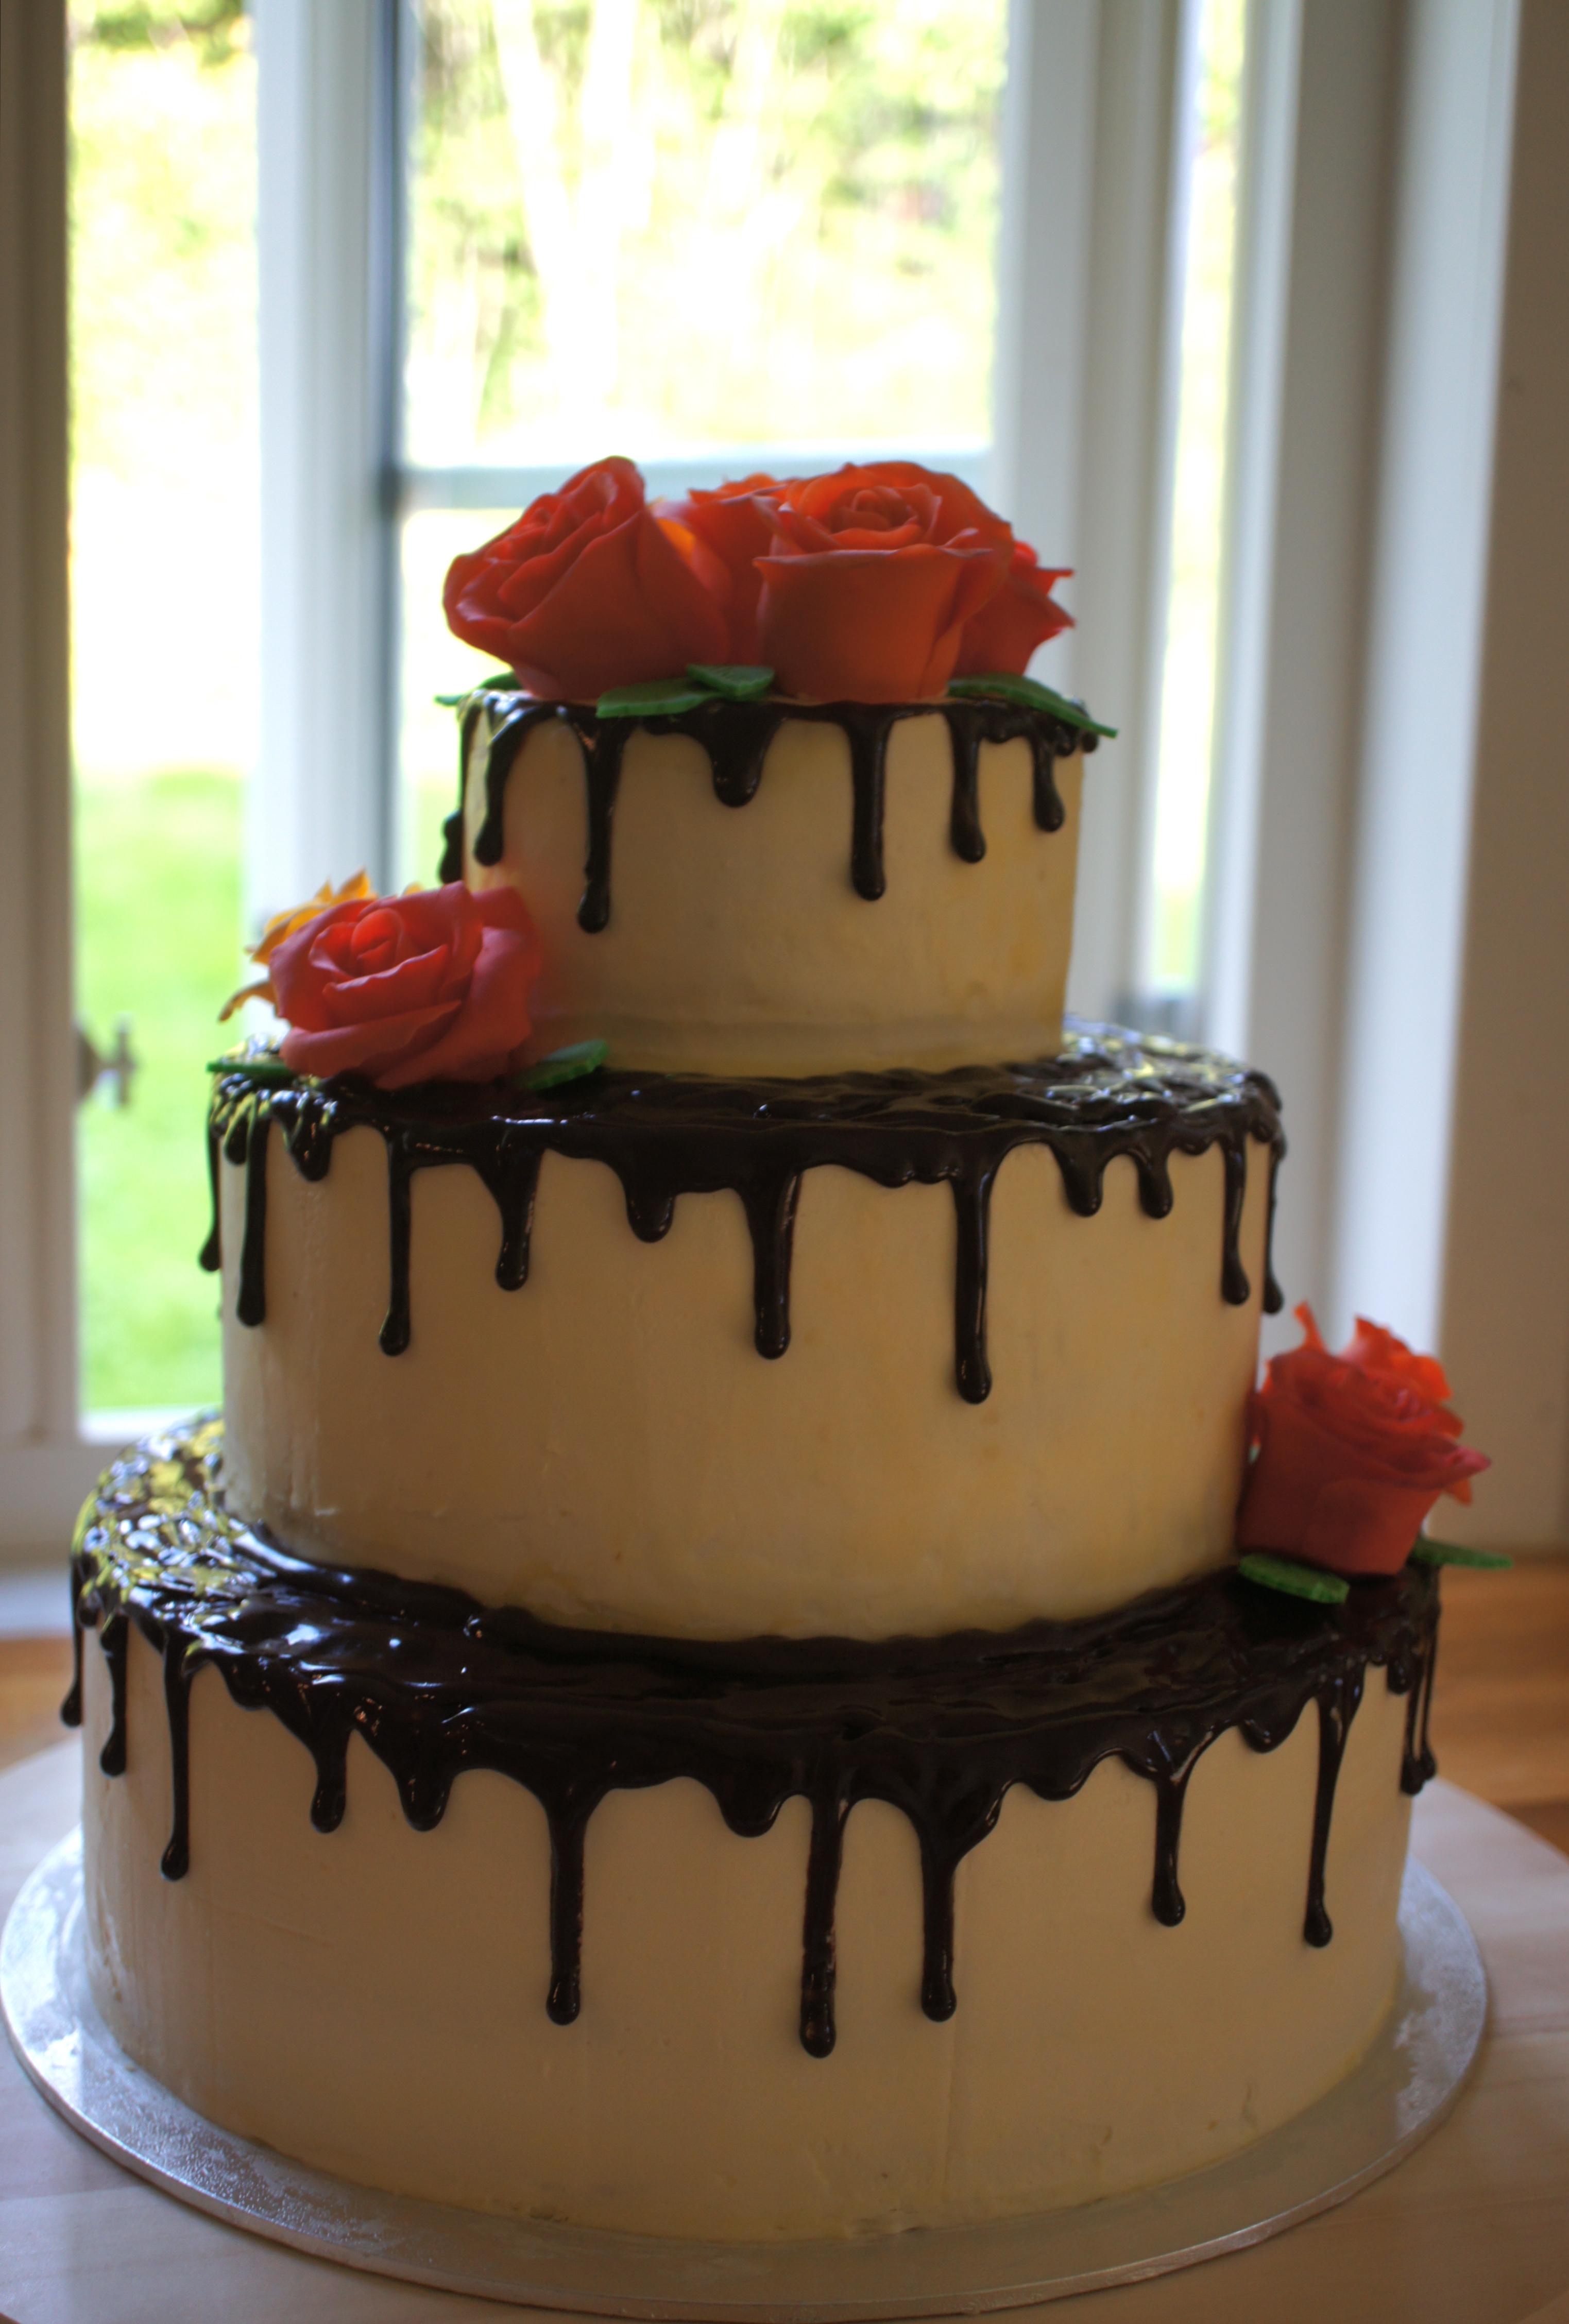 Födelsedagstårta i tre våningar Med mjöl och kärlek